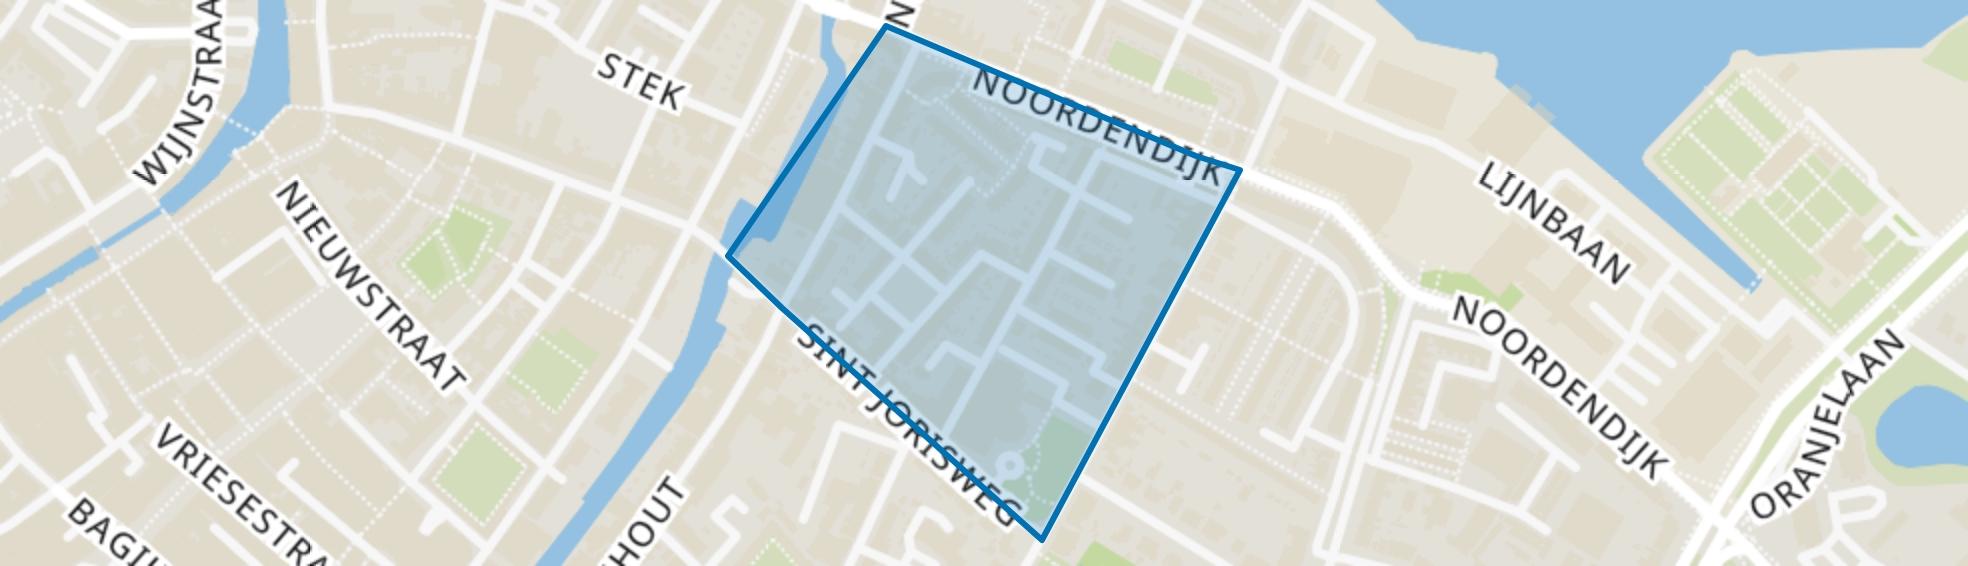 Matena's Pad en omgeving, Dordrecht map